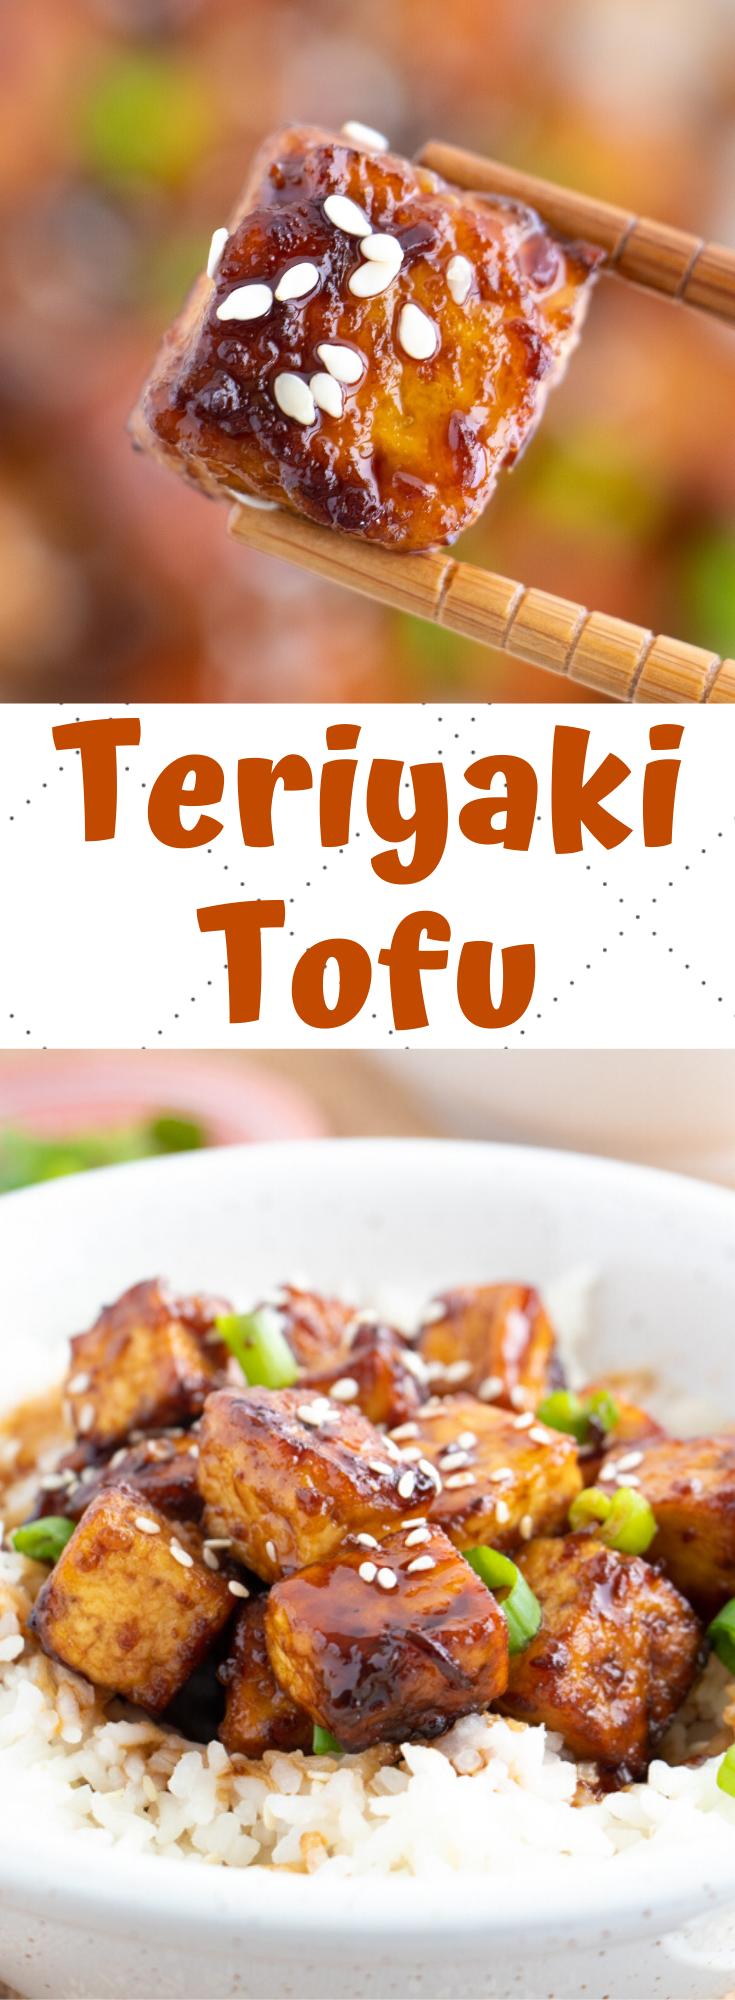 Photo of Vegan Teriyaki Tofu